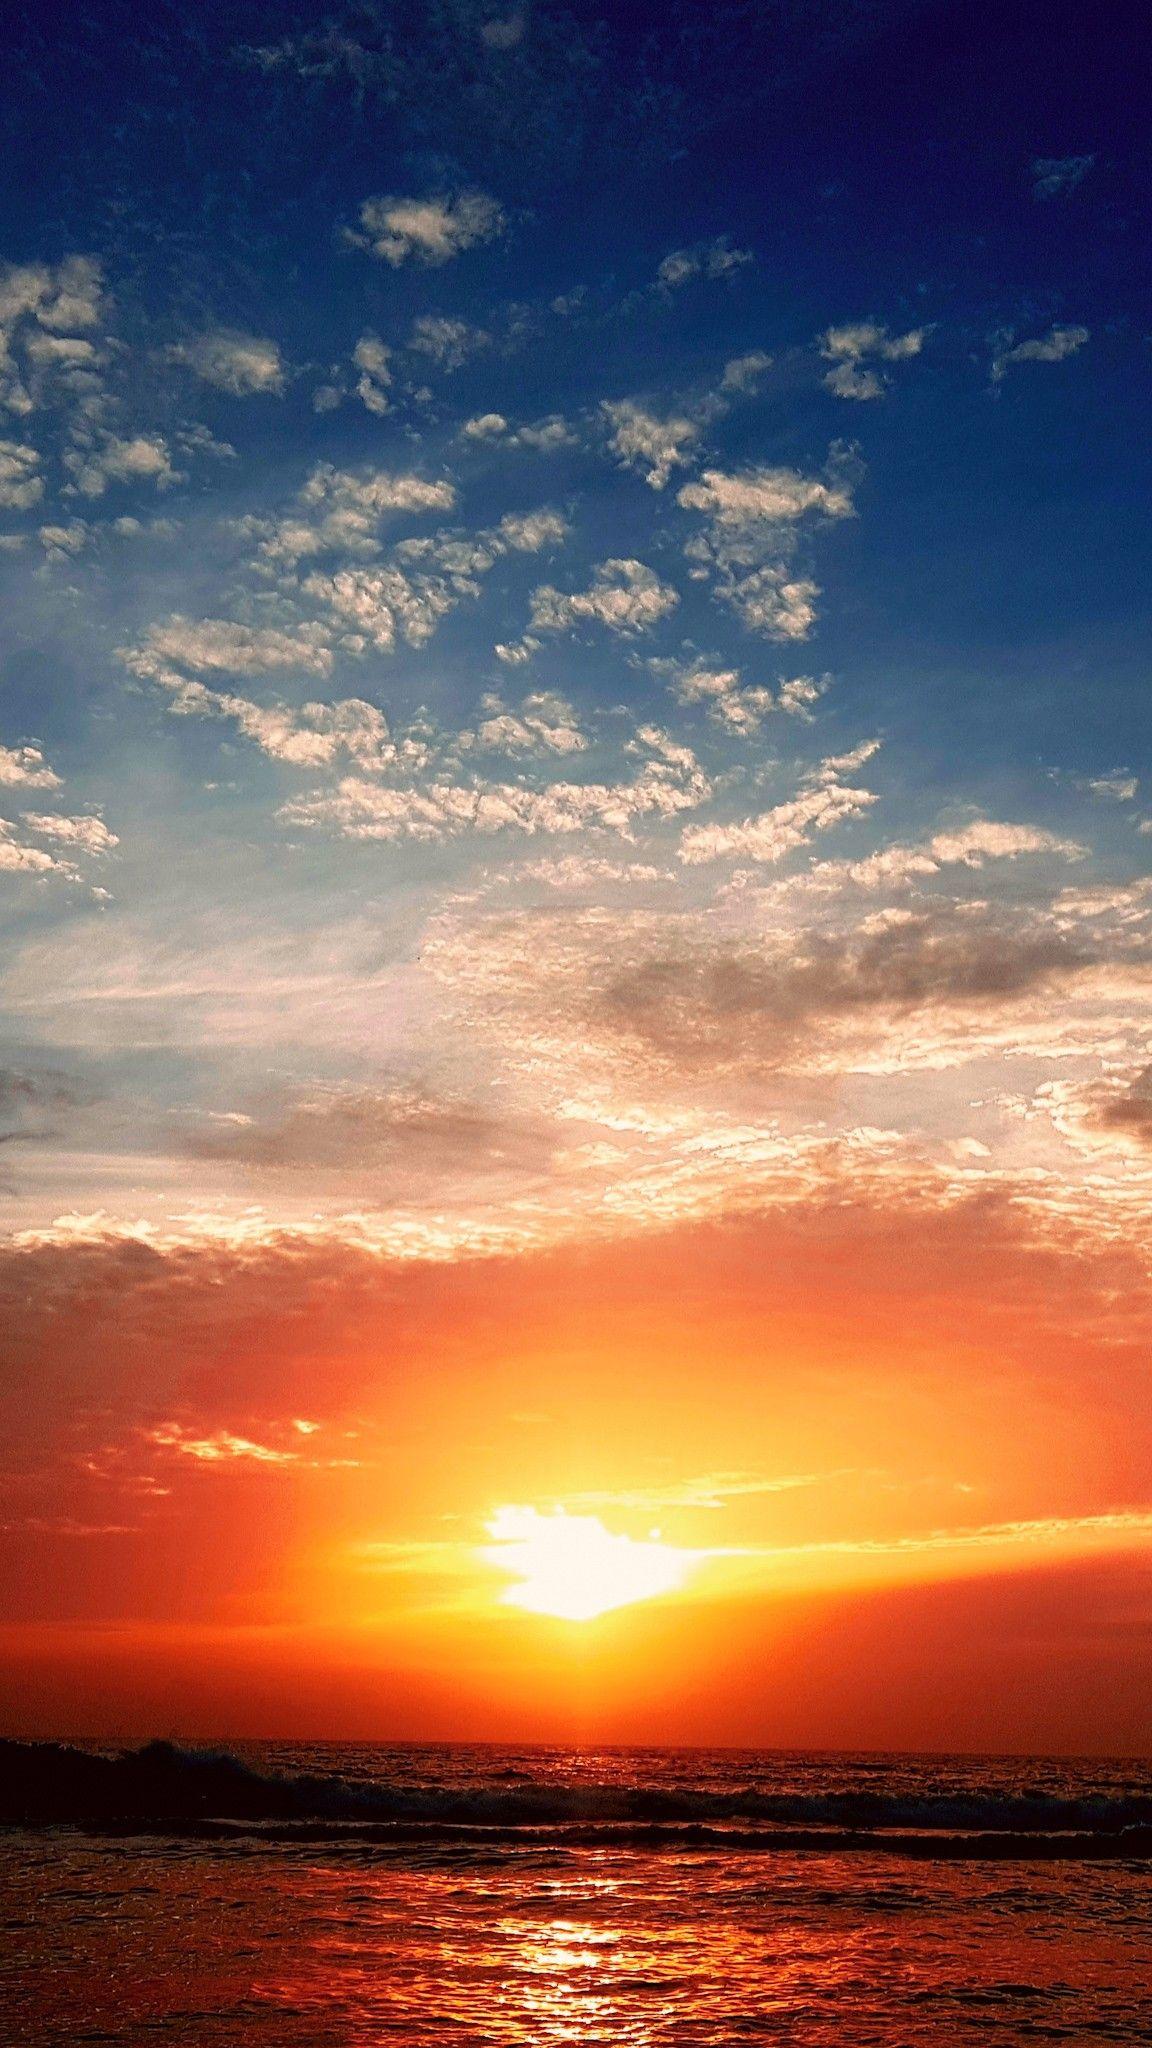 Red White And Blue Sunrise Sunrise Pictures Sunrise Sunset Sunrise